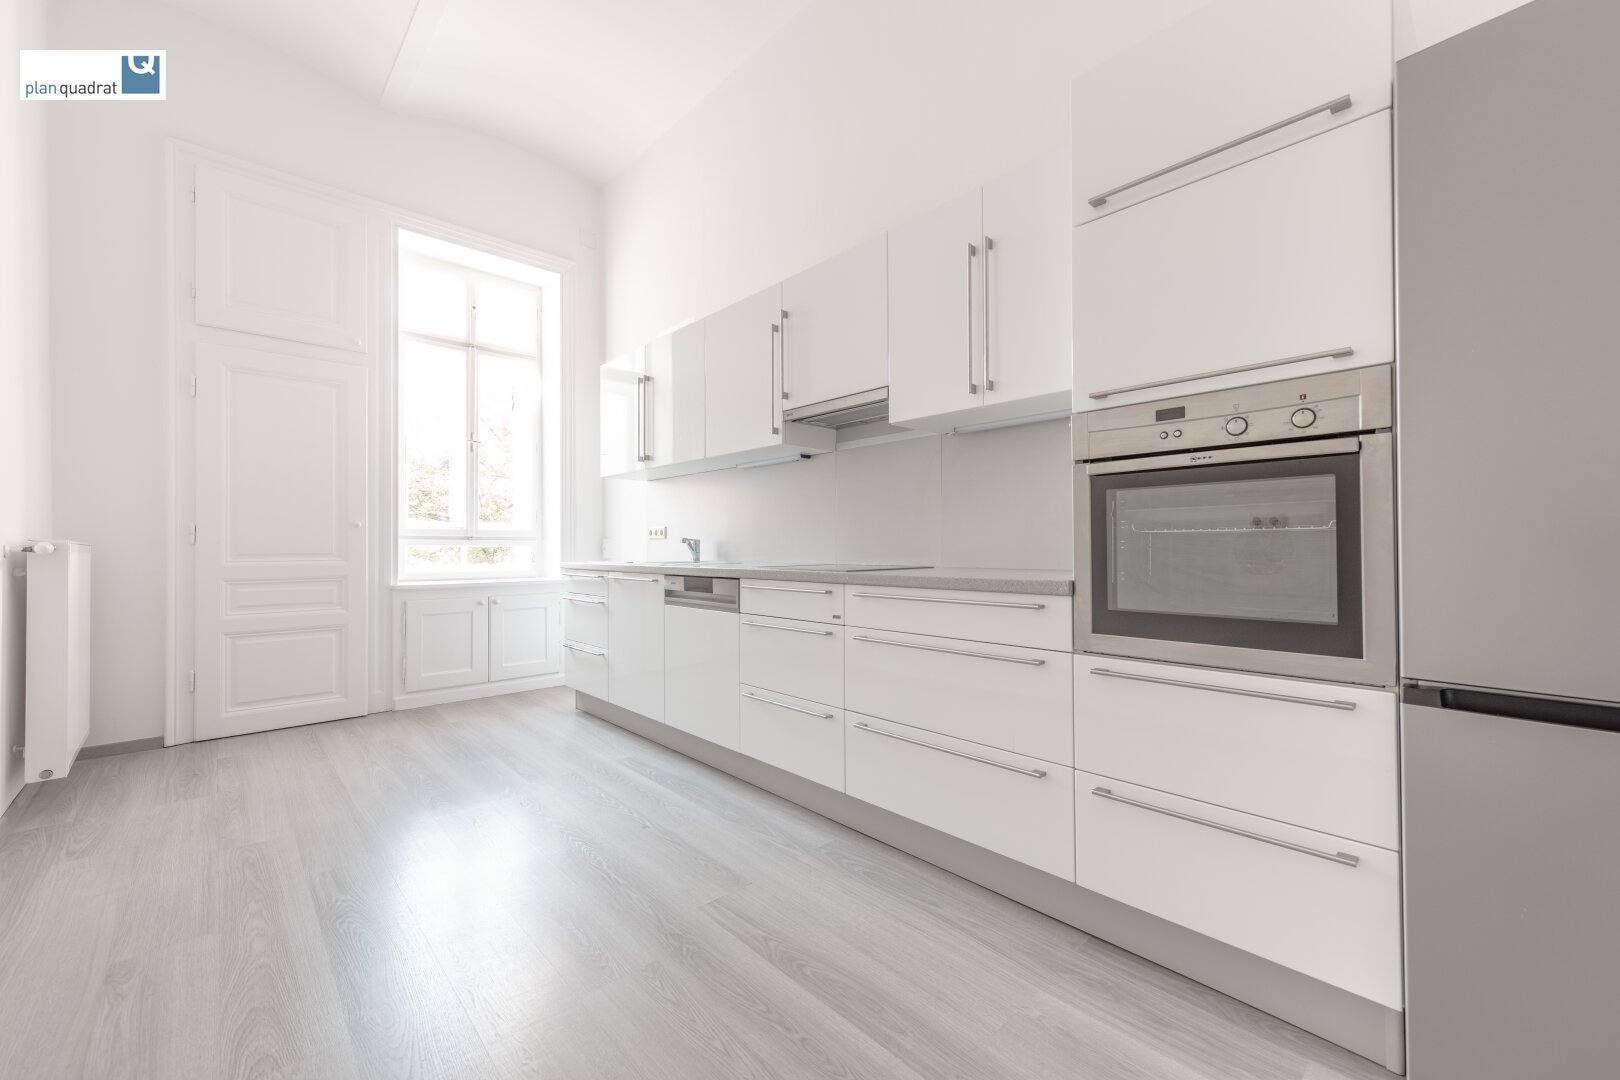 Küche (mit umfassend ausgestatteter Küchenzeile)